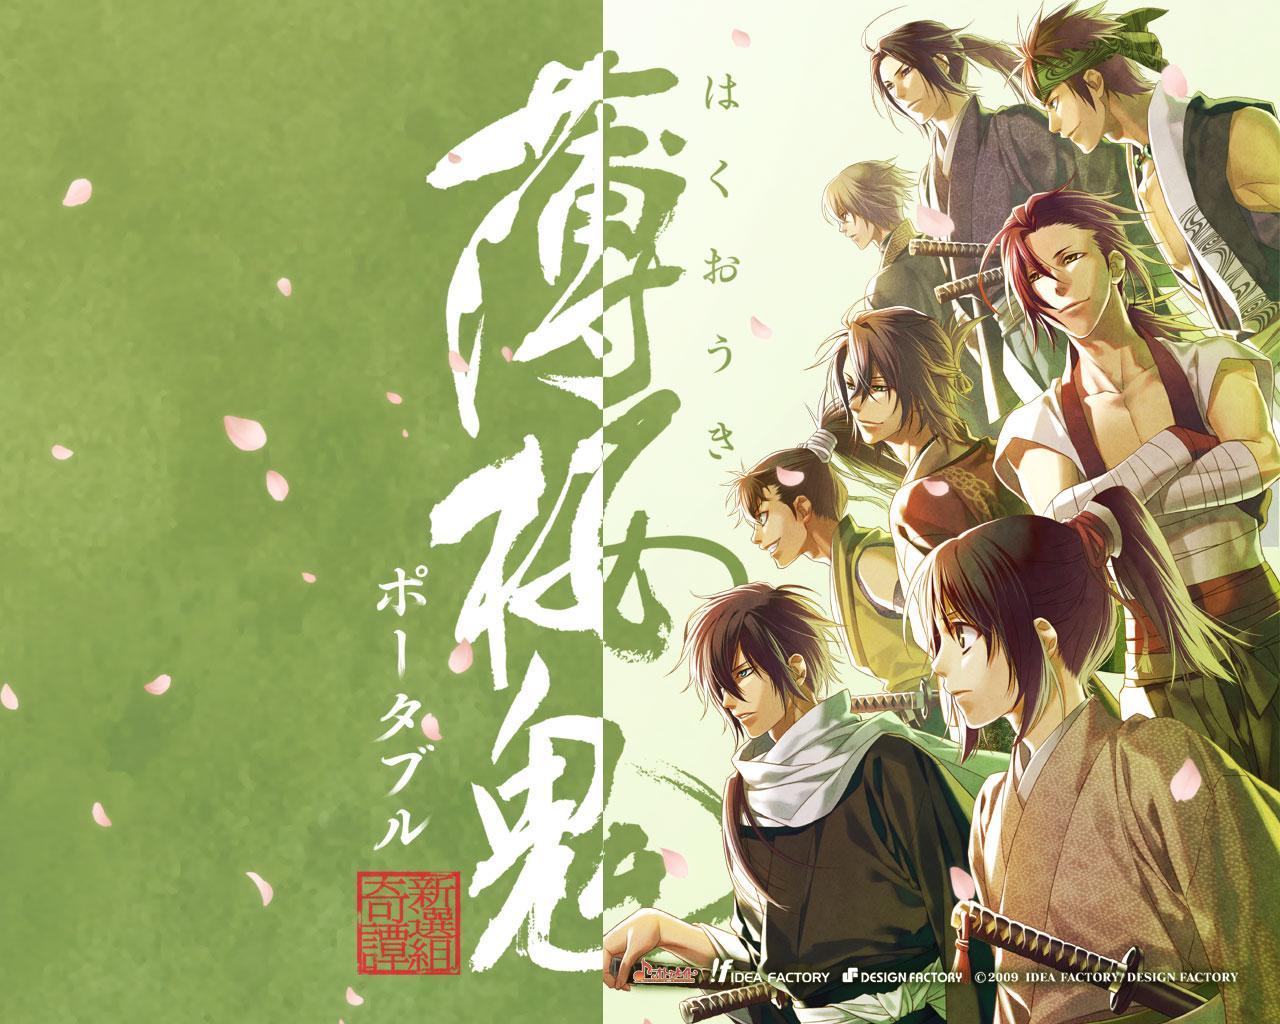 http://3.bp.blogspot.com/_jV241FFac4E/TTpHfksHVYI/AAAAAAAAAvs/TGzOxtakQMI/s1600/hakuouki_wallpaper3_1280x1024.jpg